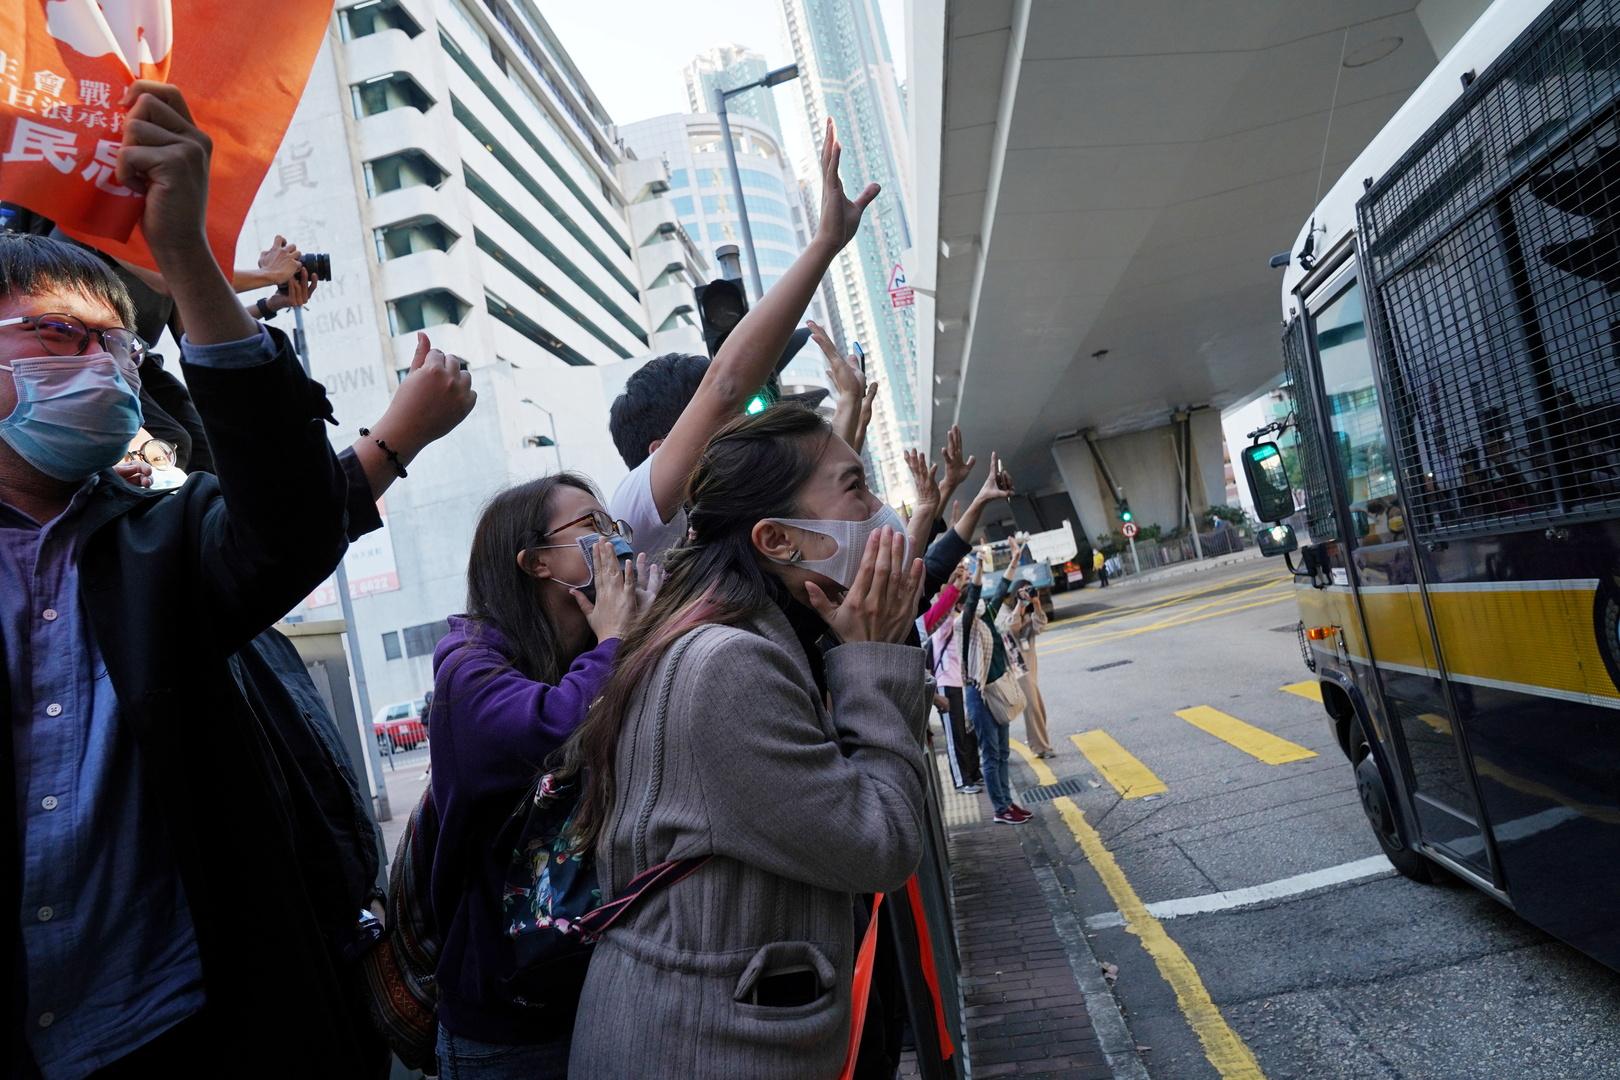 بيان غربي يستنكر اعتقال الصين لنشطاء في هونغ كونغ